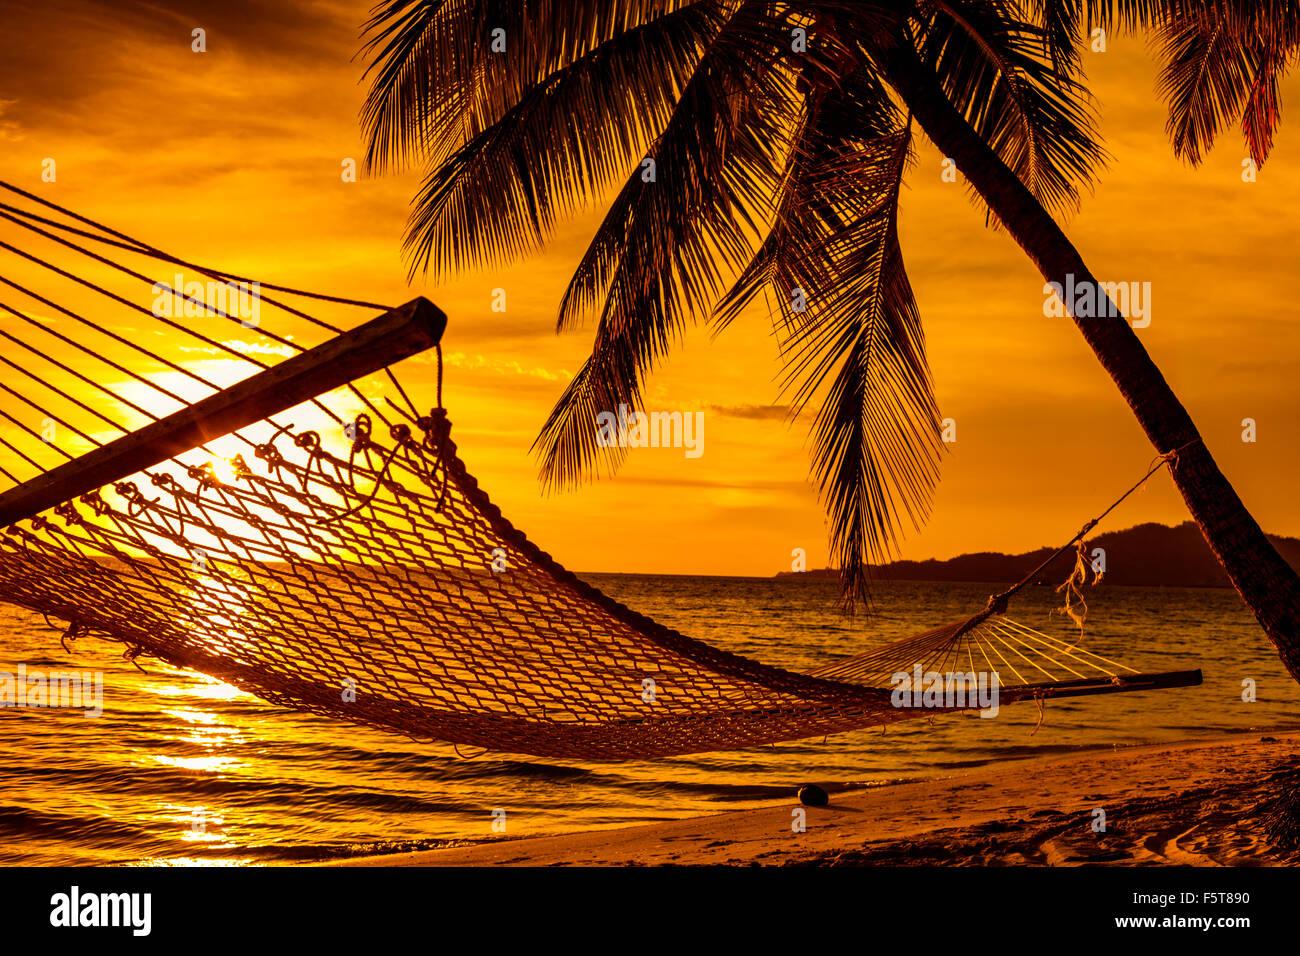 Silueta de hamaca y palmeras en una playa tropical al atardecer Imagen De Stock